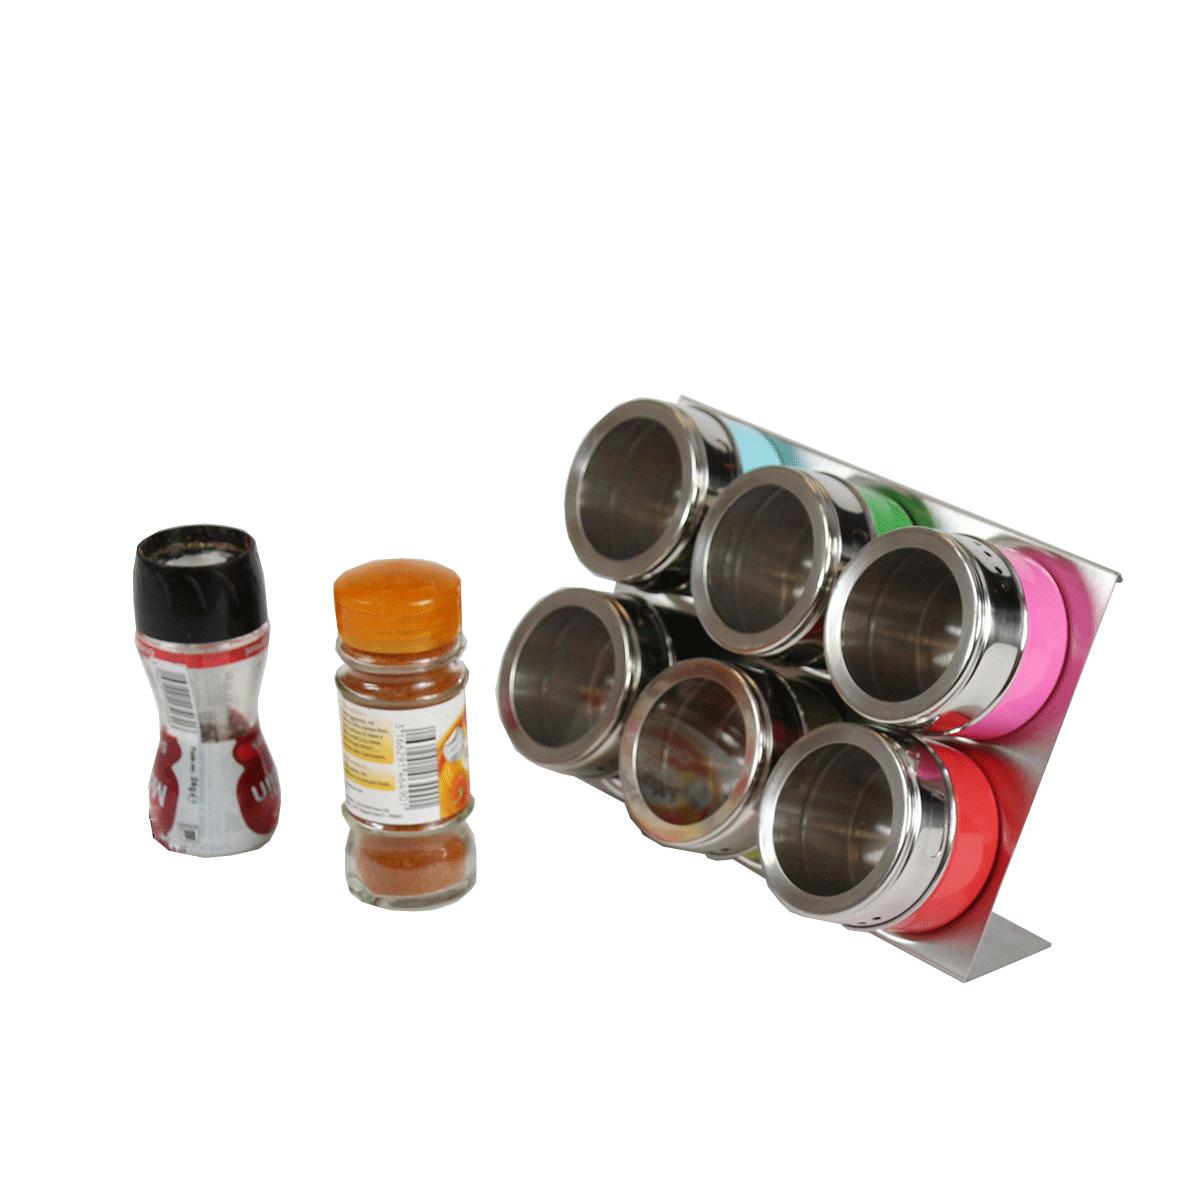 Rangement épices Aimanté: Boîtes à épices Aimantées Sur Support Inox